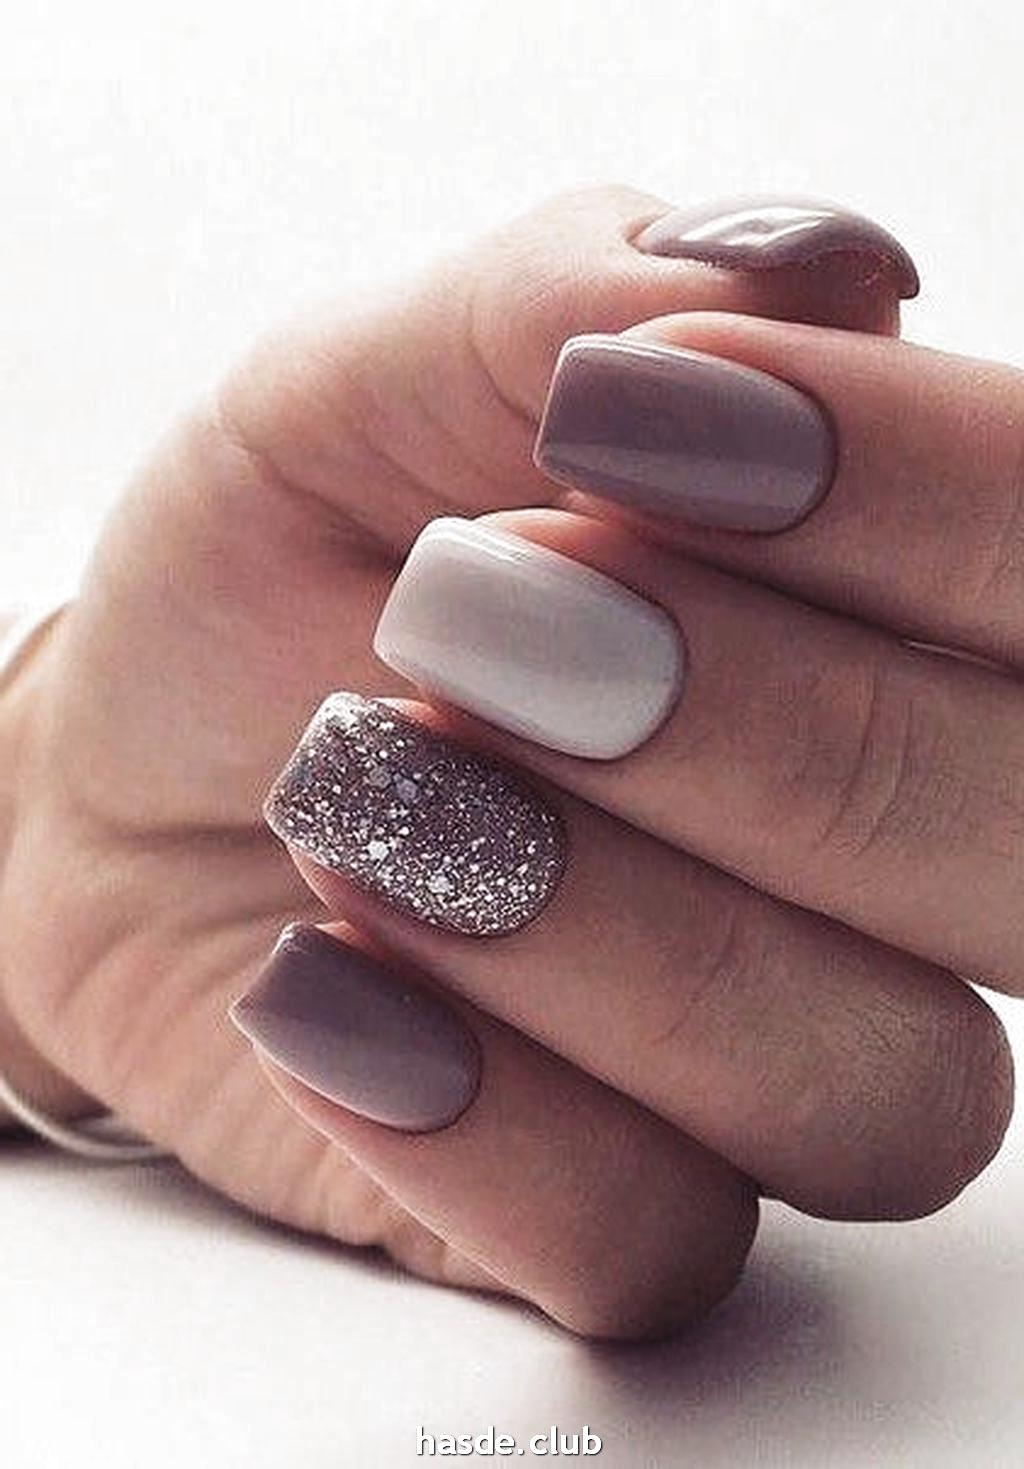 Nail Trends Winter Nails 2020 Winter Nails Manicura Para Uñas Cortas Manicura De Uñas Uñas De Invierno